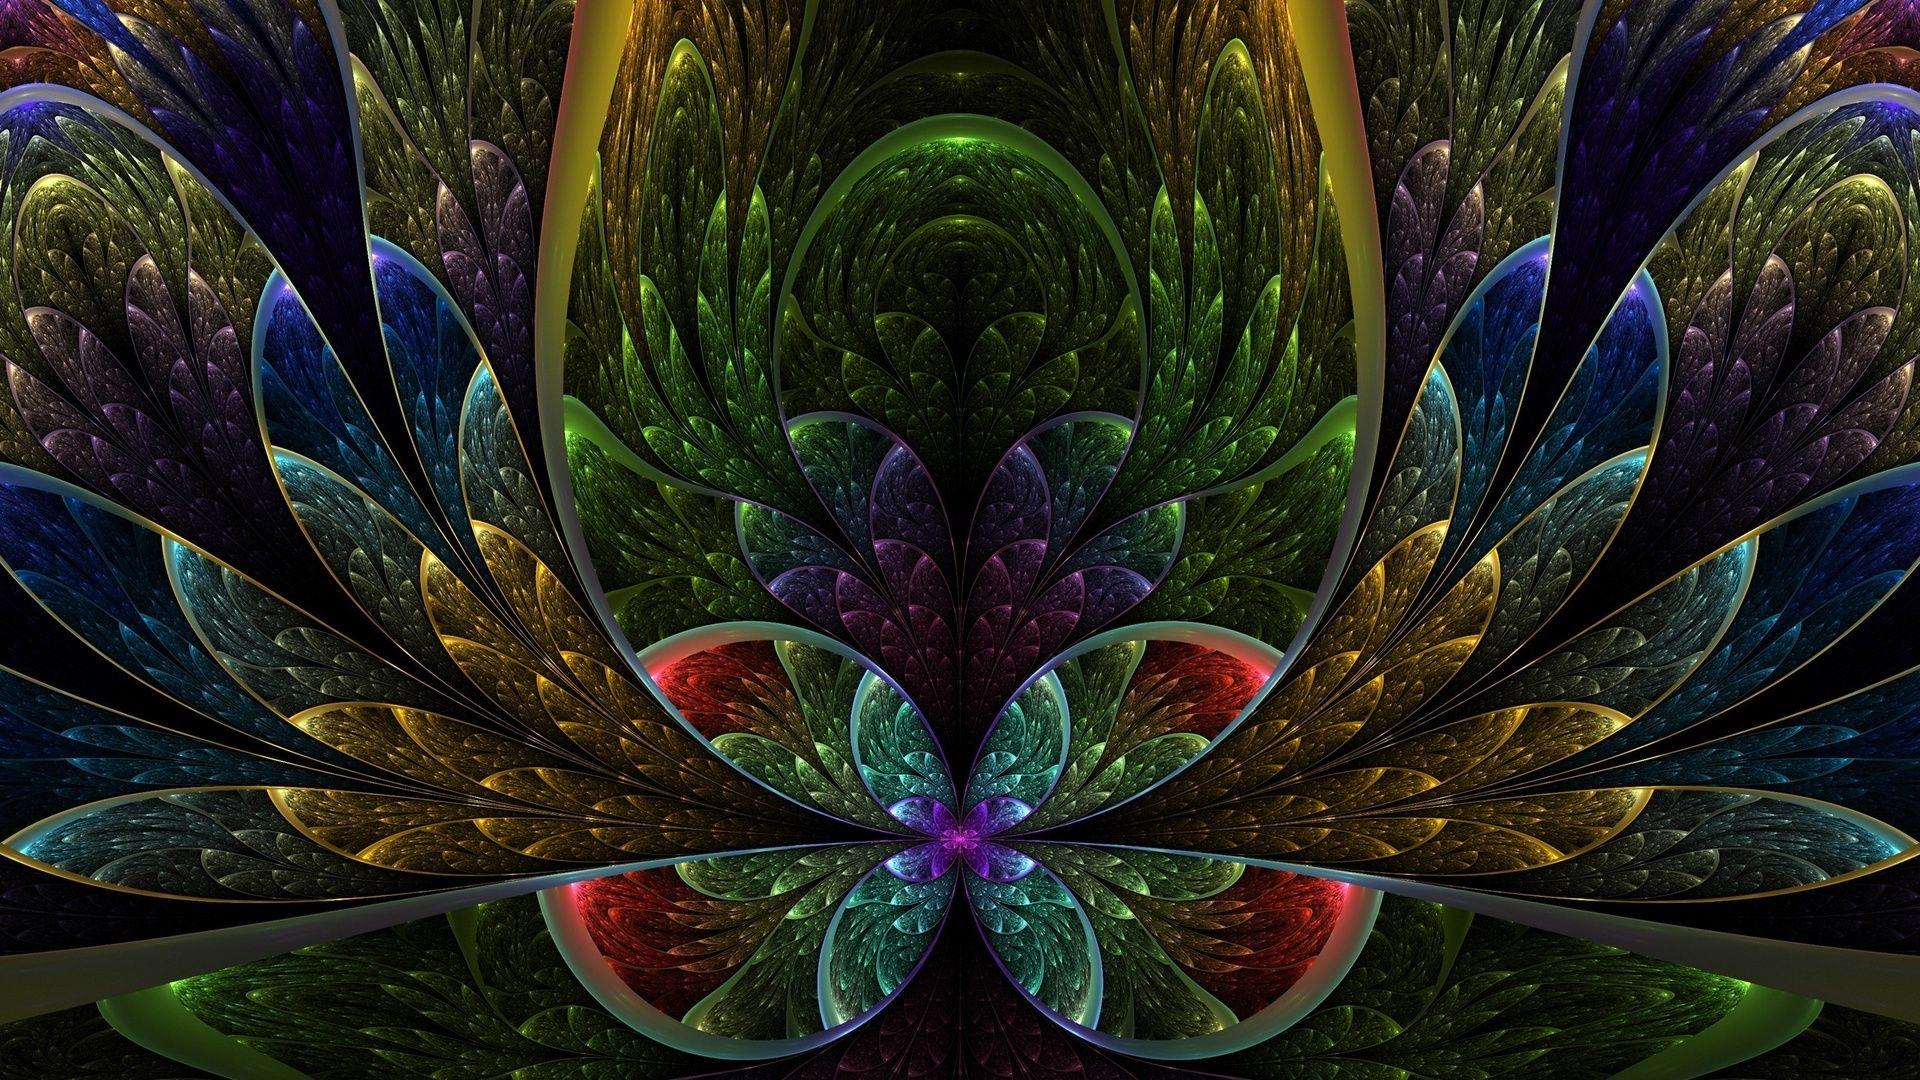 Vibrant picture hd